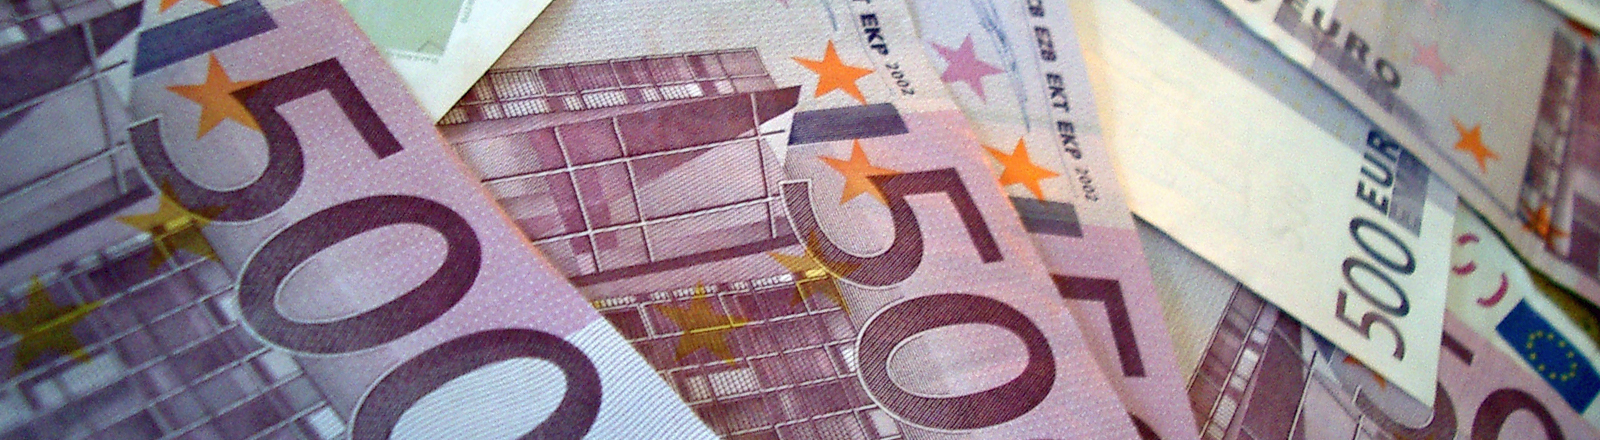 Ein Haufen von 500-Euro-Scheinen.